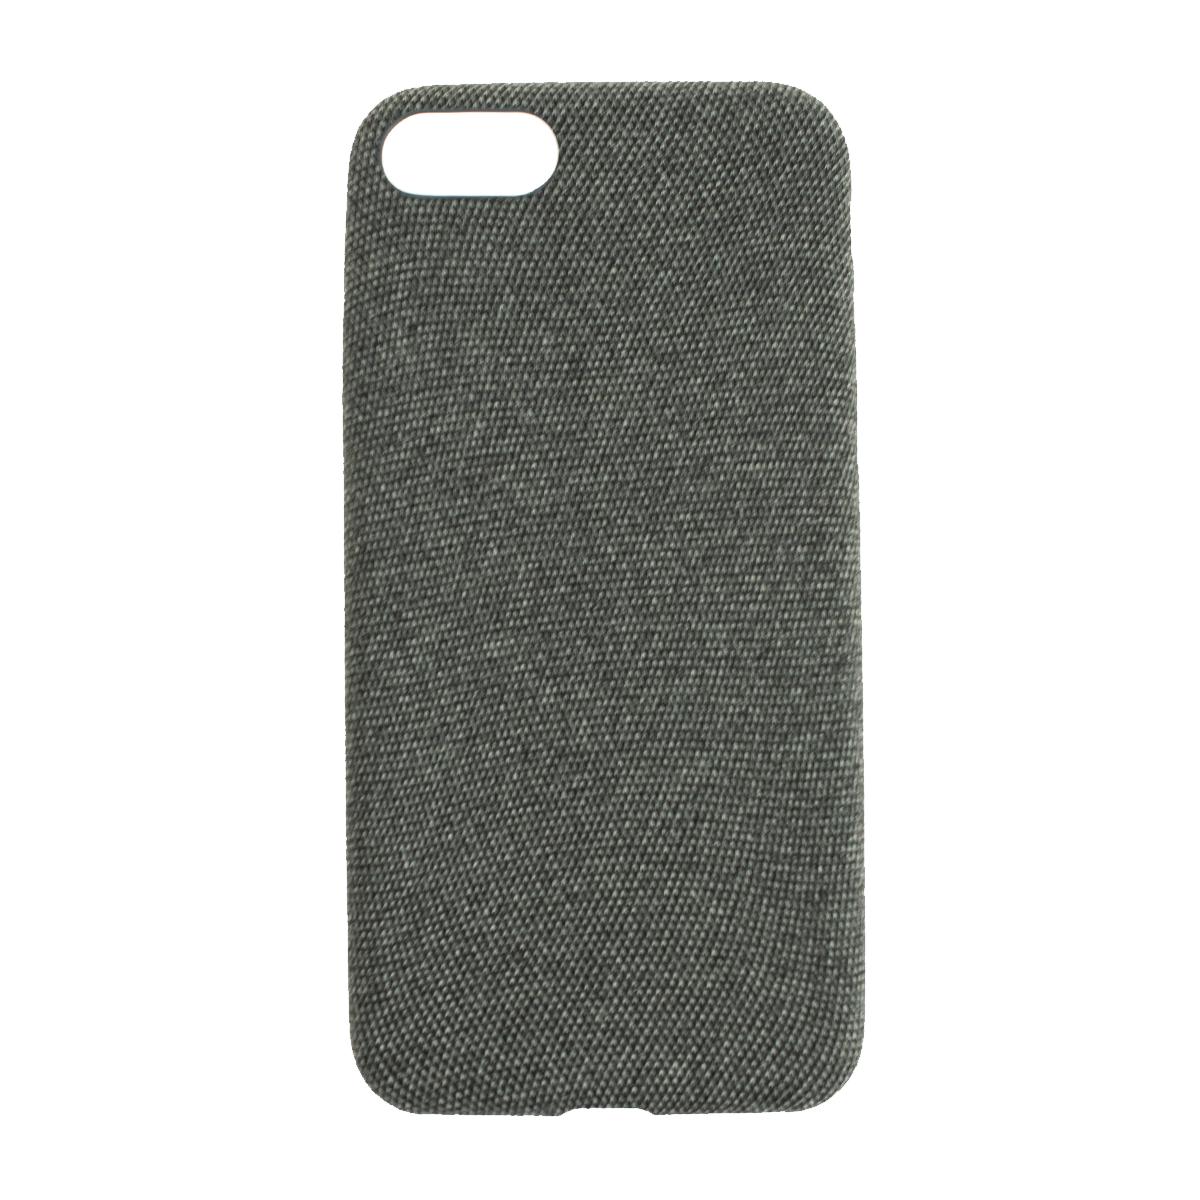 Látkový ochranný obal (tmavosivý) - iPhone 7 / 8 1